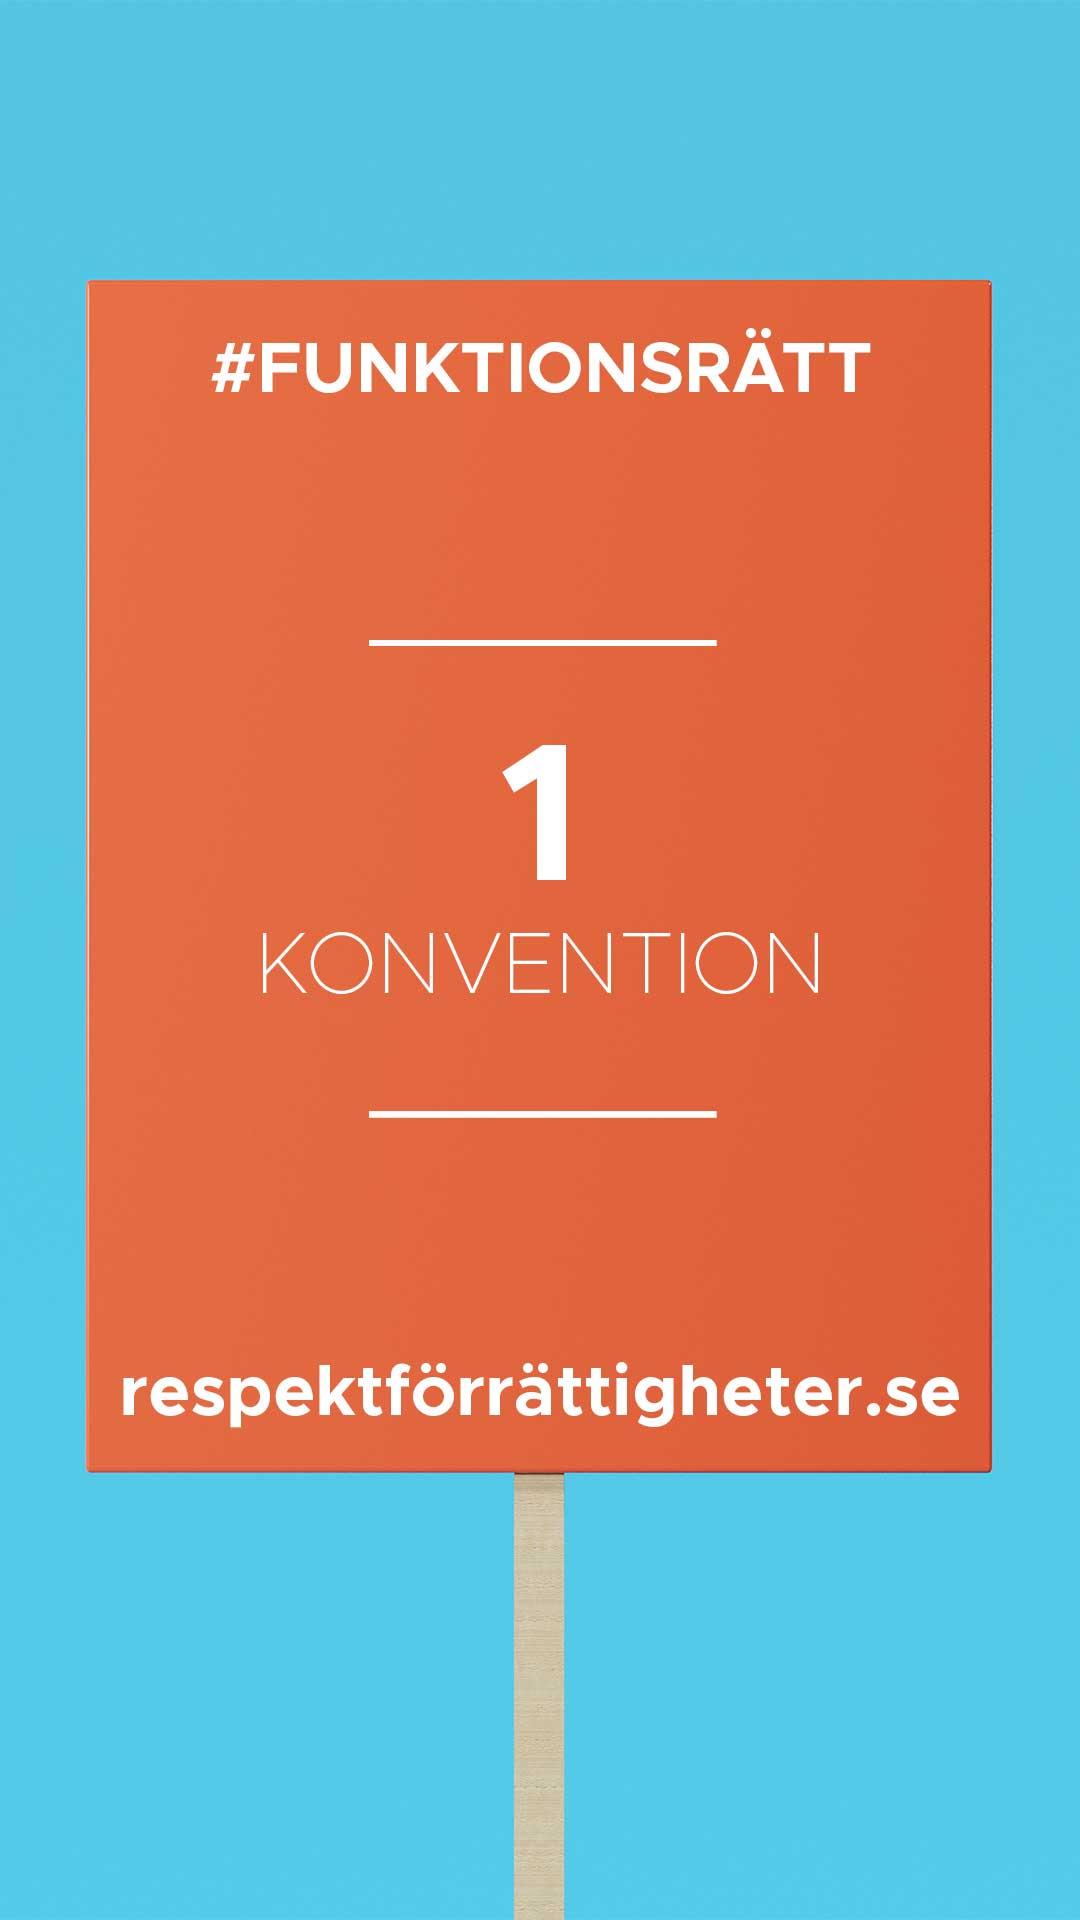 protestplakat med text: funktionsrätt, 1 konvention, repsektförrättigheter.se